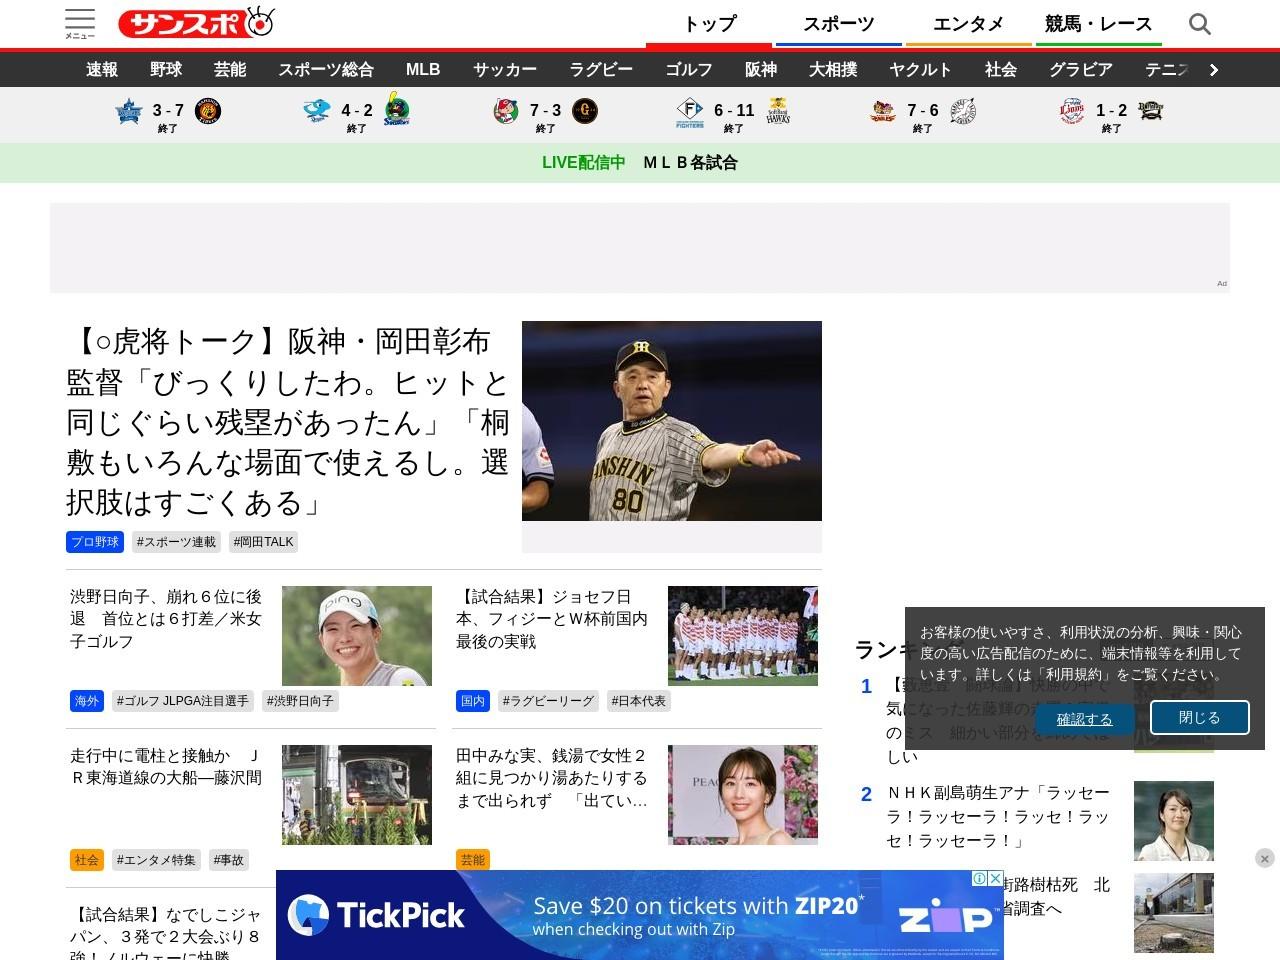 鈴木愛が2週連続優勝、賞金ランキングもトップに/国内女子